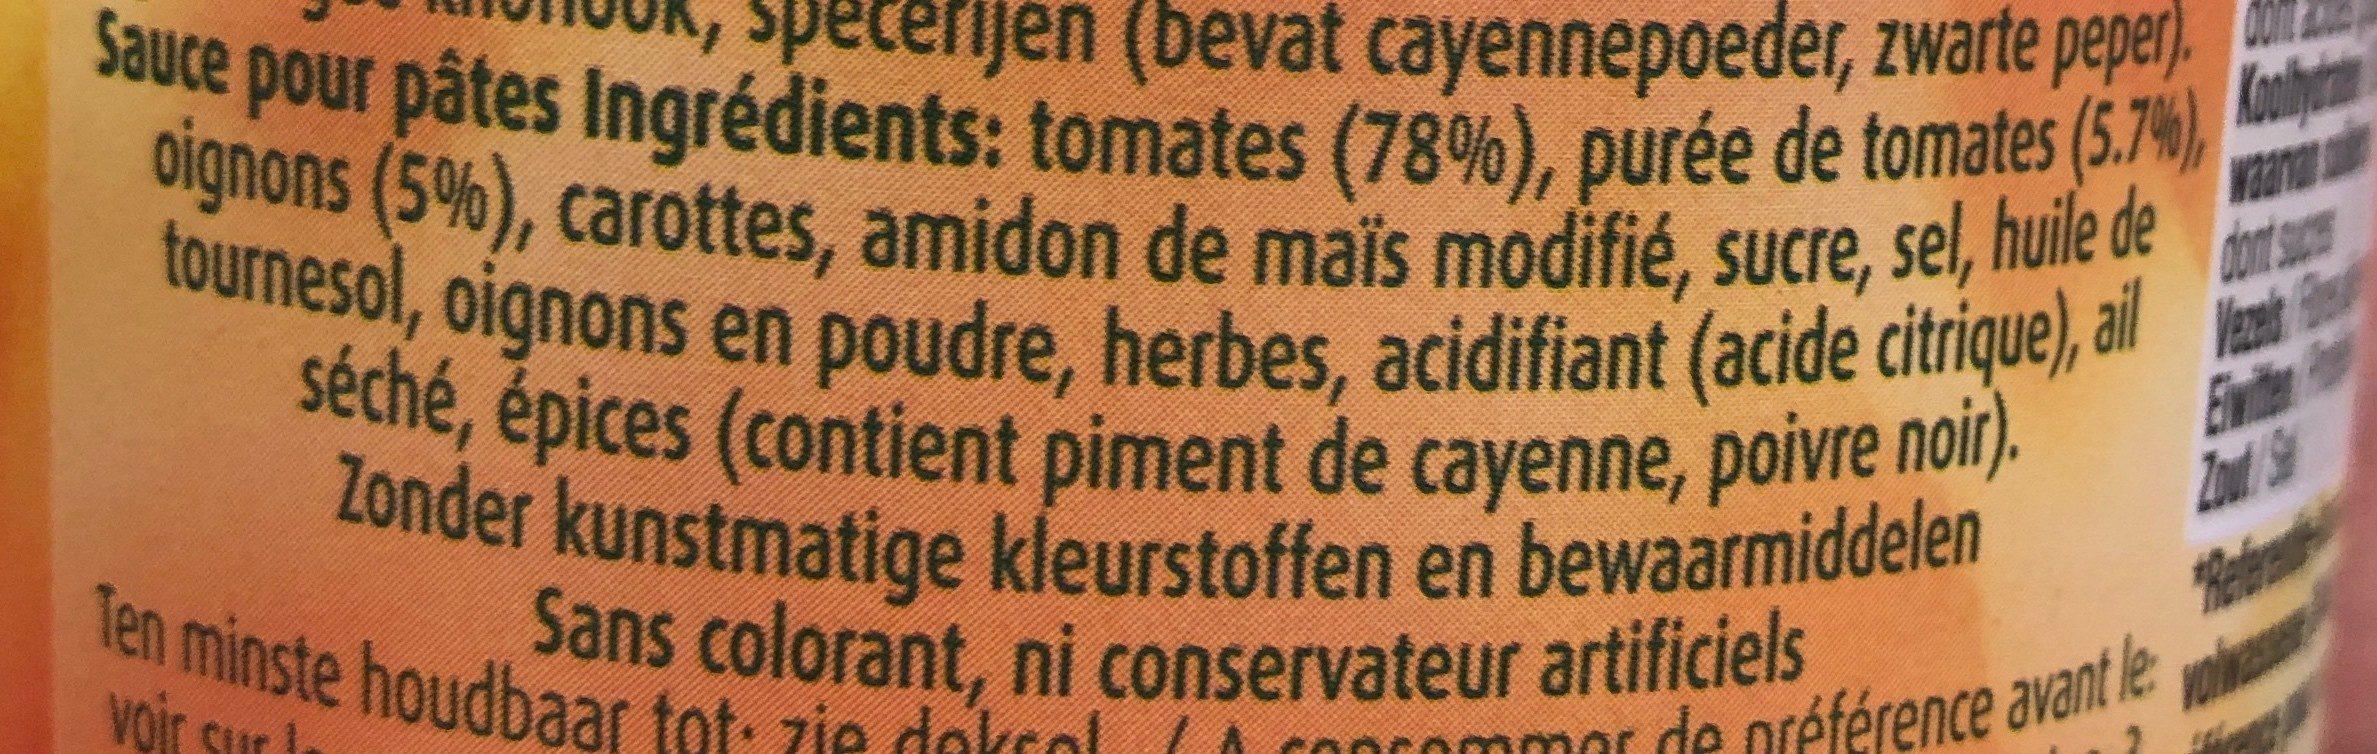 Sauce pour pâtes piccante - Ingrédients - fr